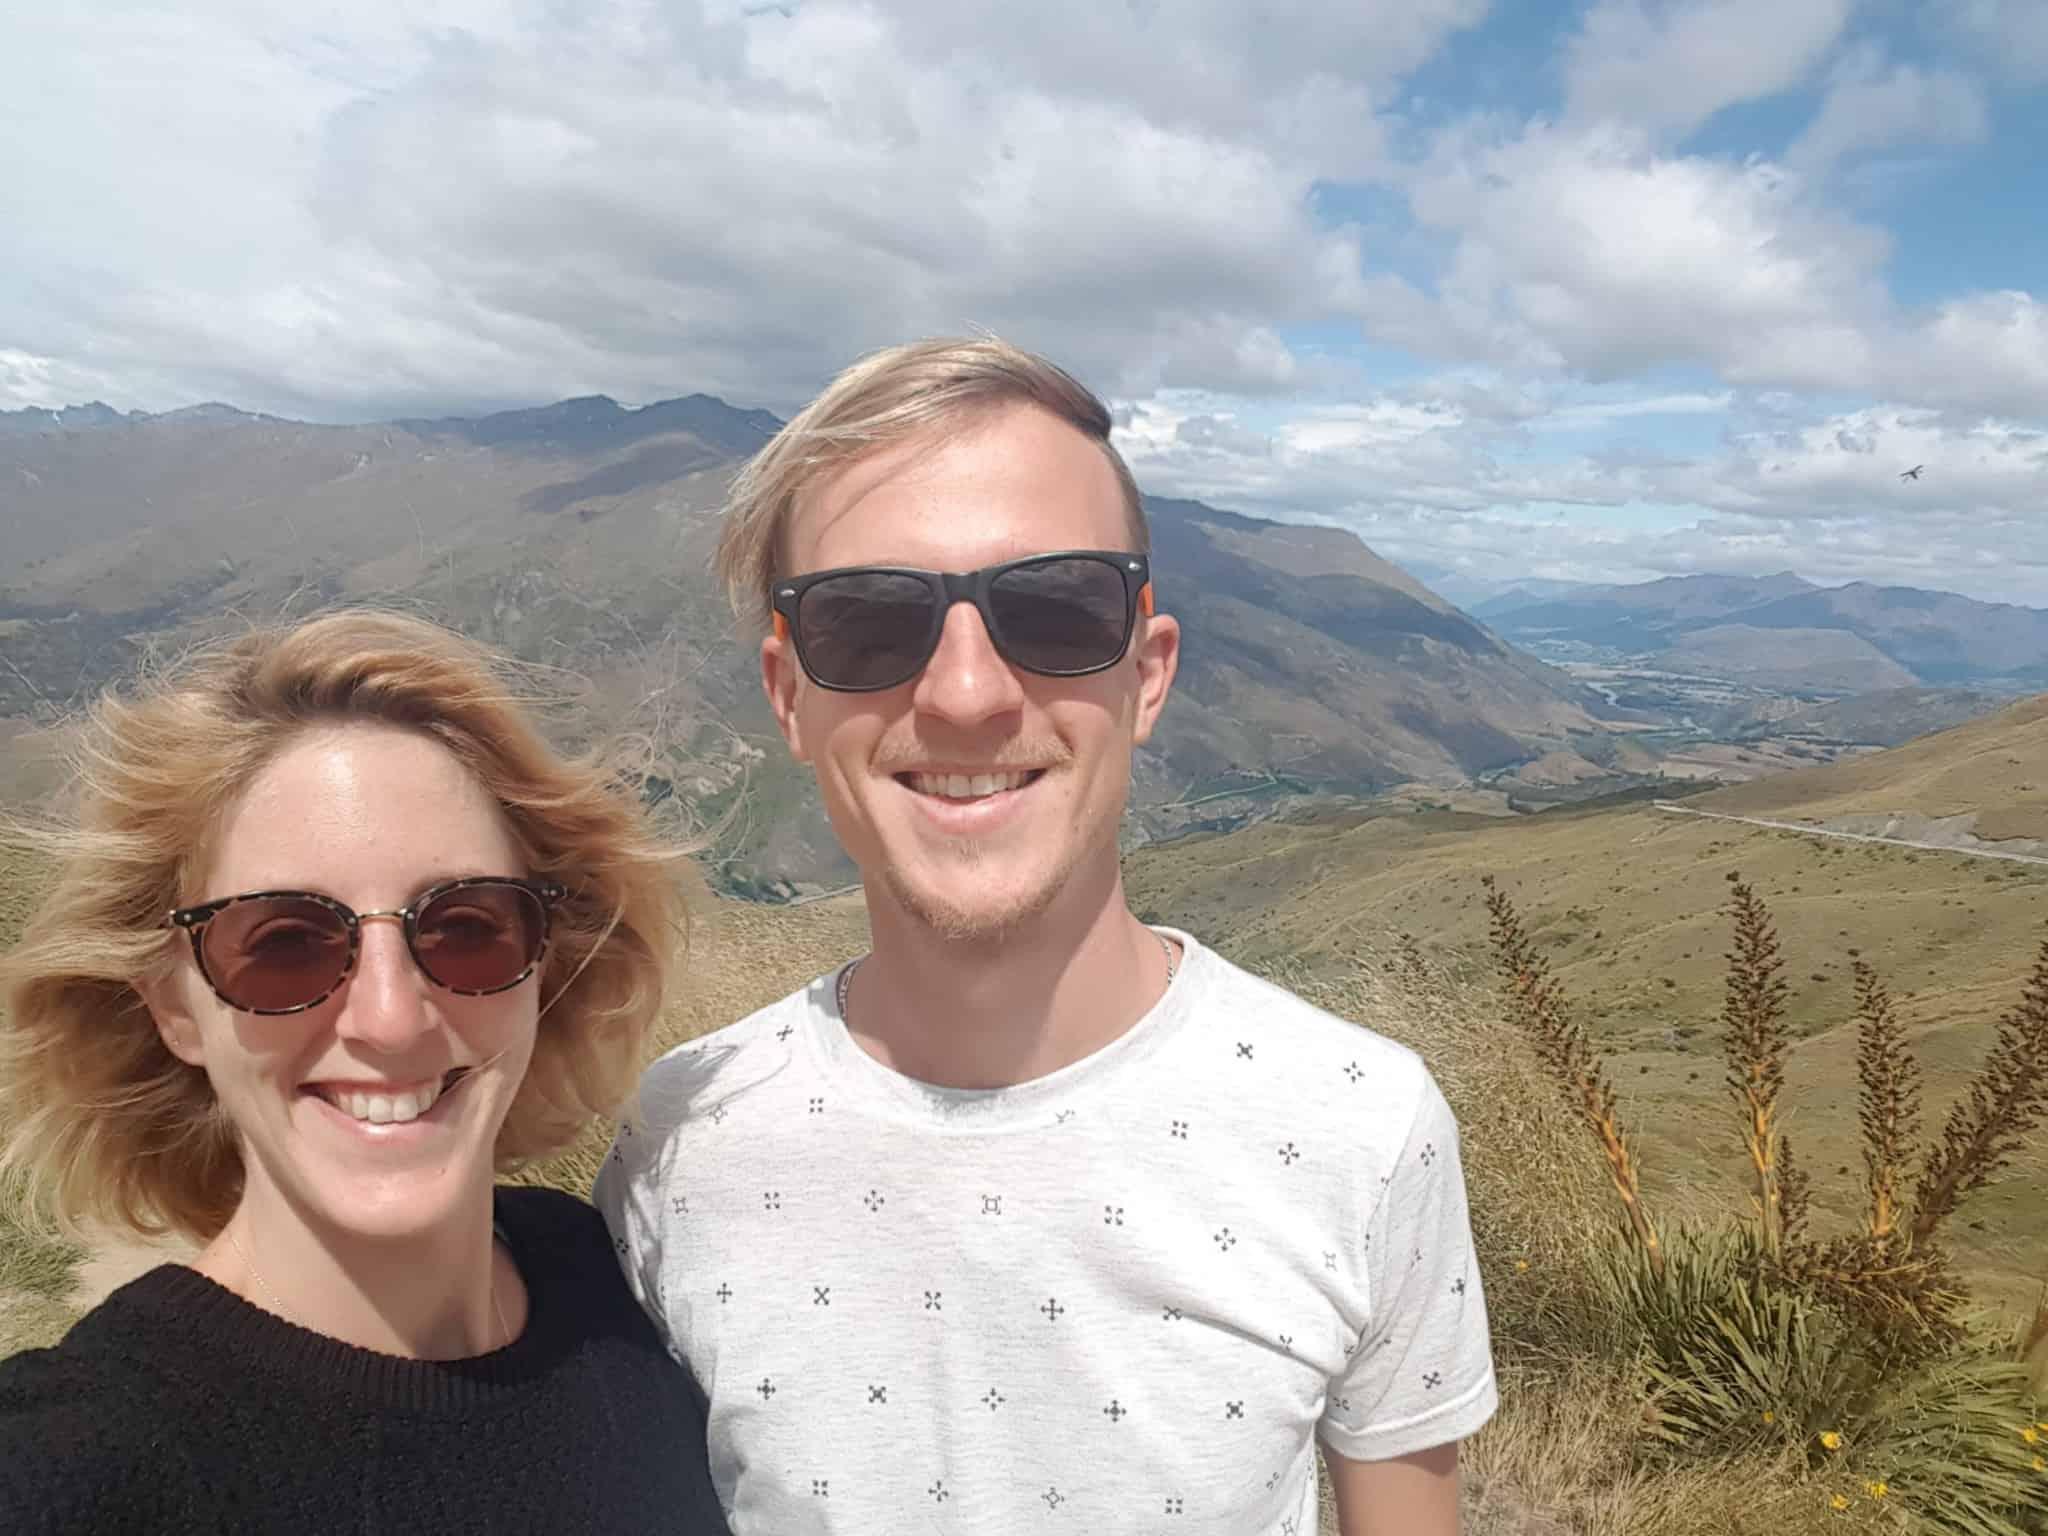 Nouvelle-Zélande, à la découverte de Queenstown et de sa région 🚂 4